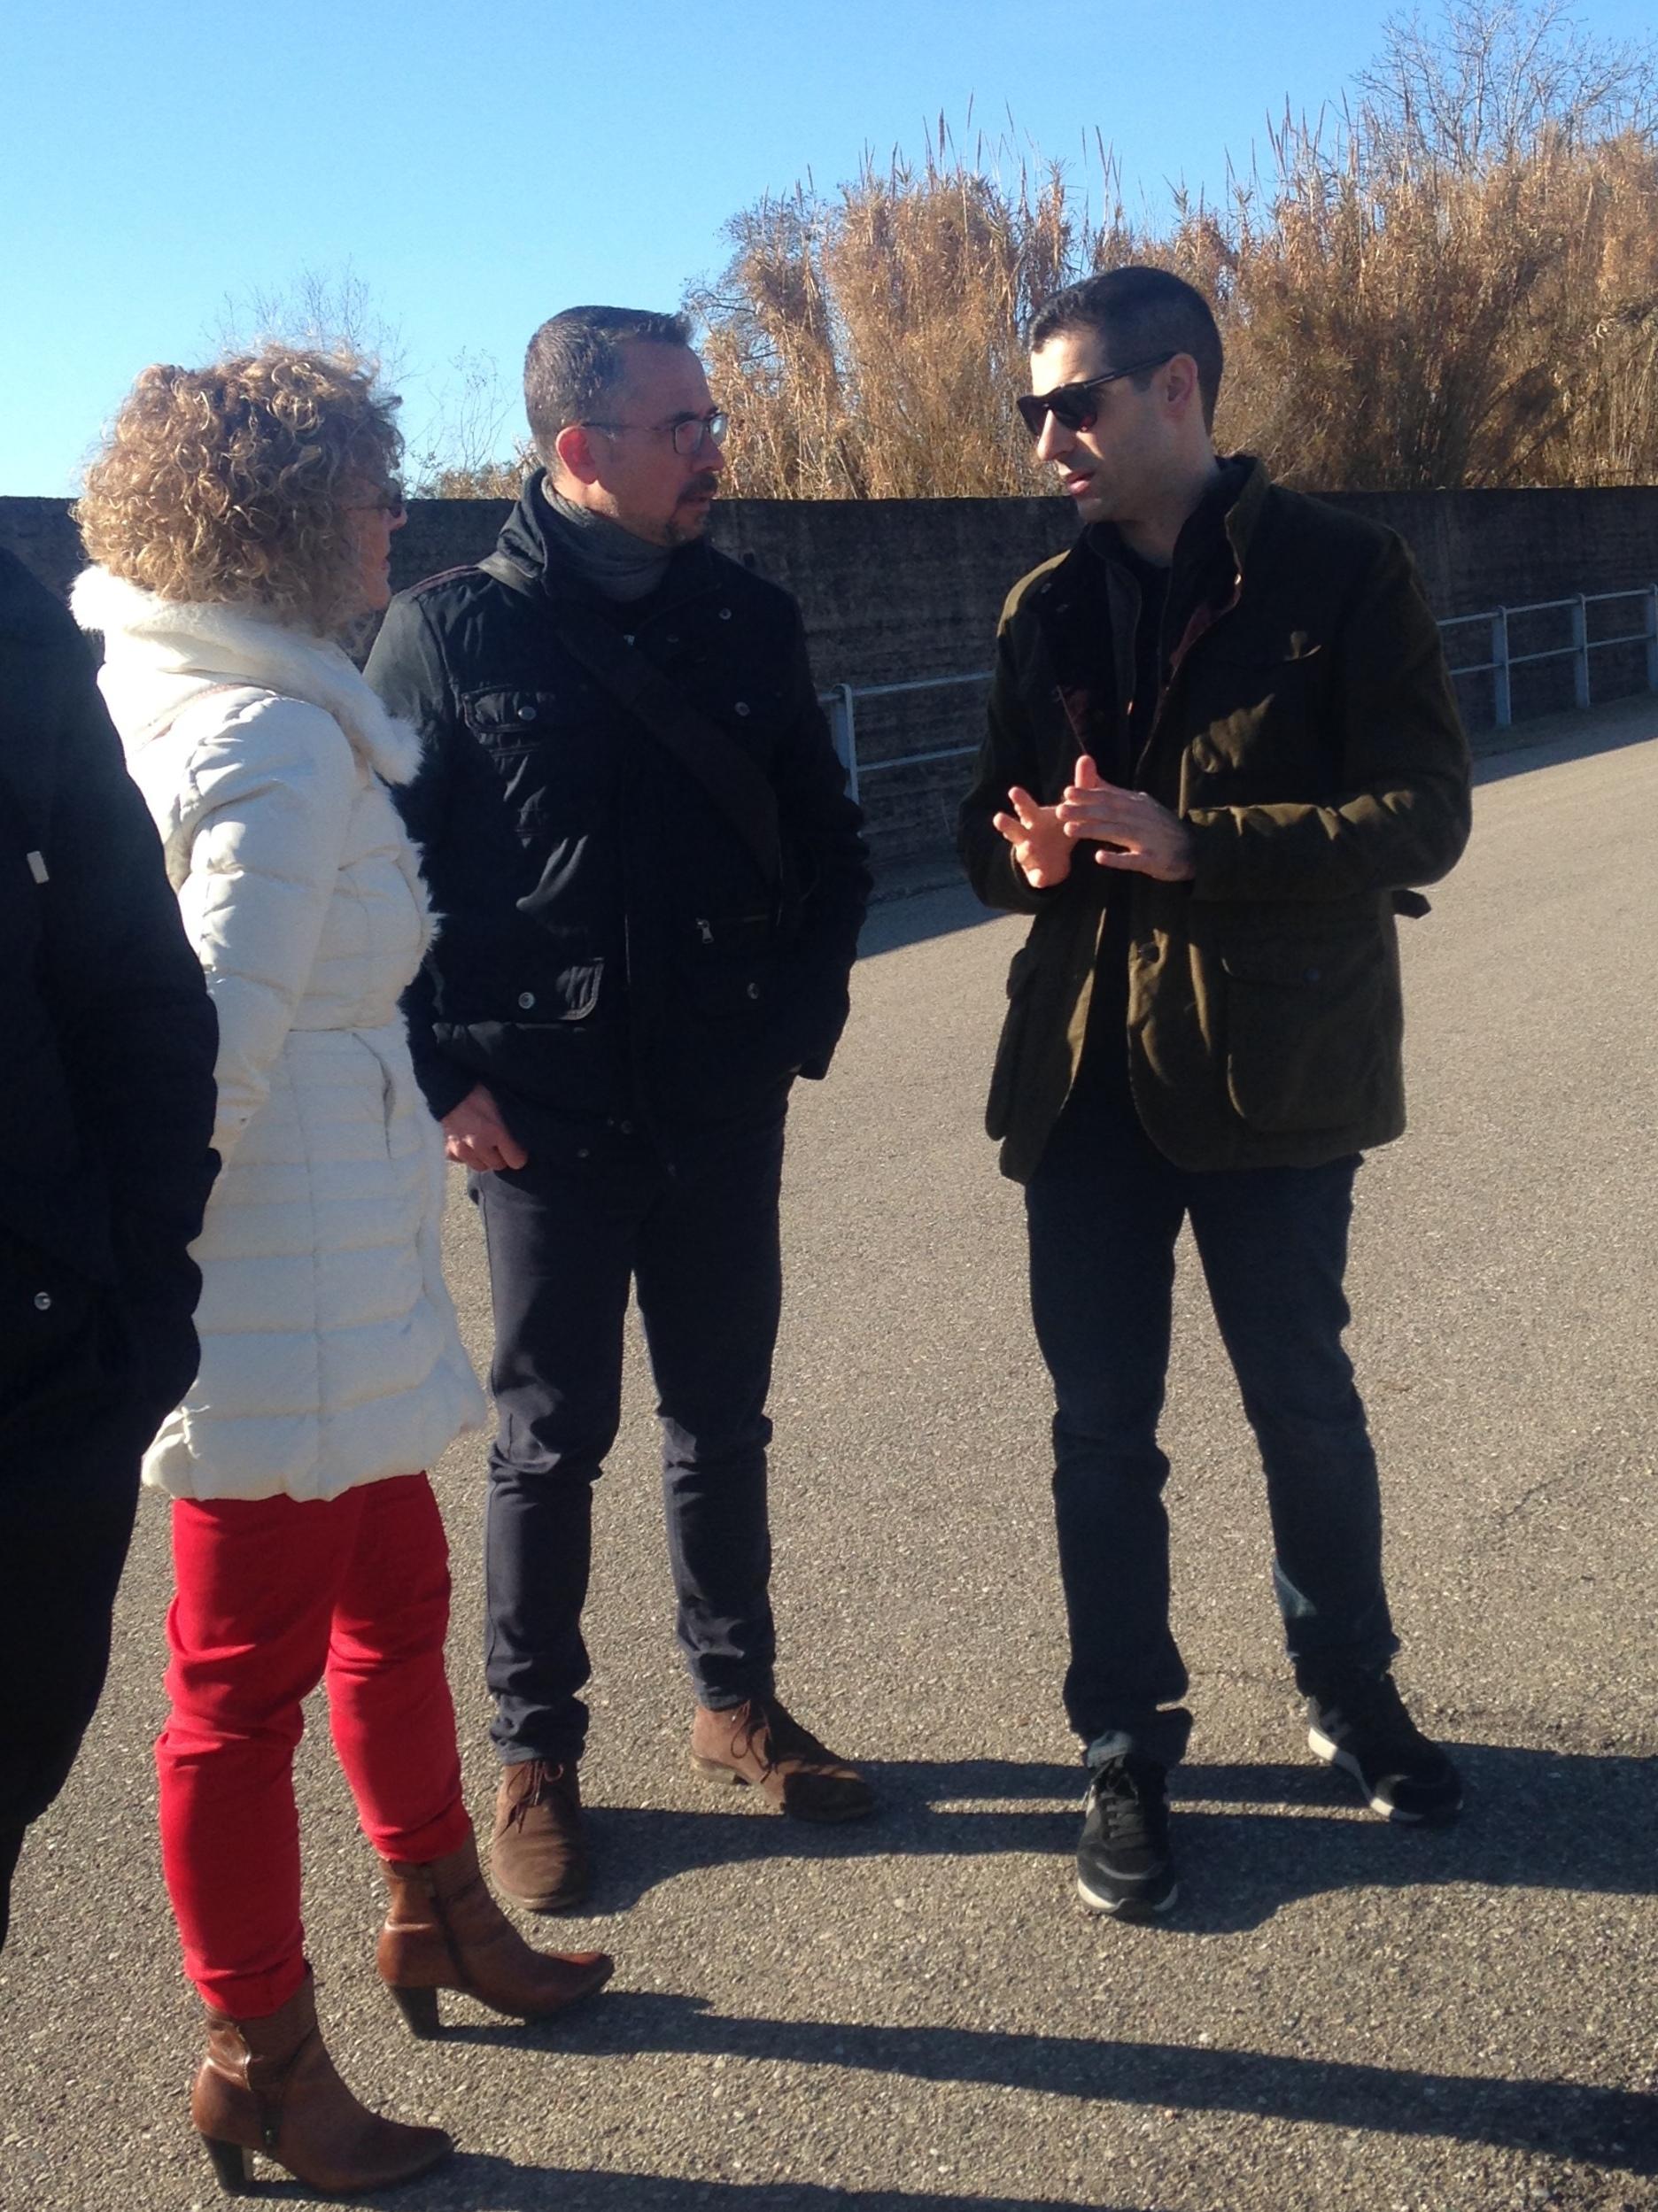 ΠΕ Ηλείας: Αυτοψία του Αντιπεριφερειάρχη Βασίλη Γιαννόπουλου στα αντιπλημμυρικά έργα στον Ενιπέα ποταμό (photos)